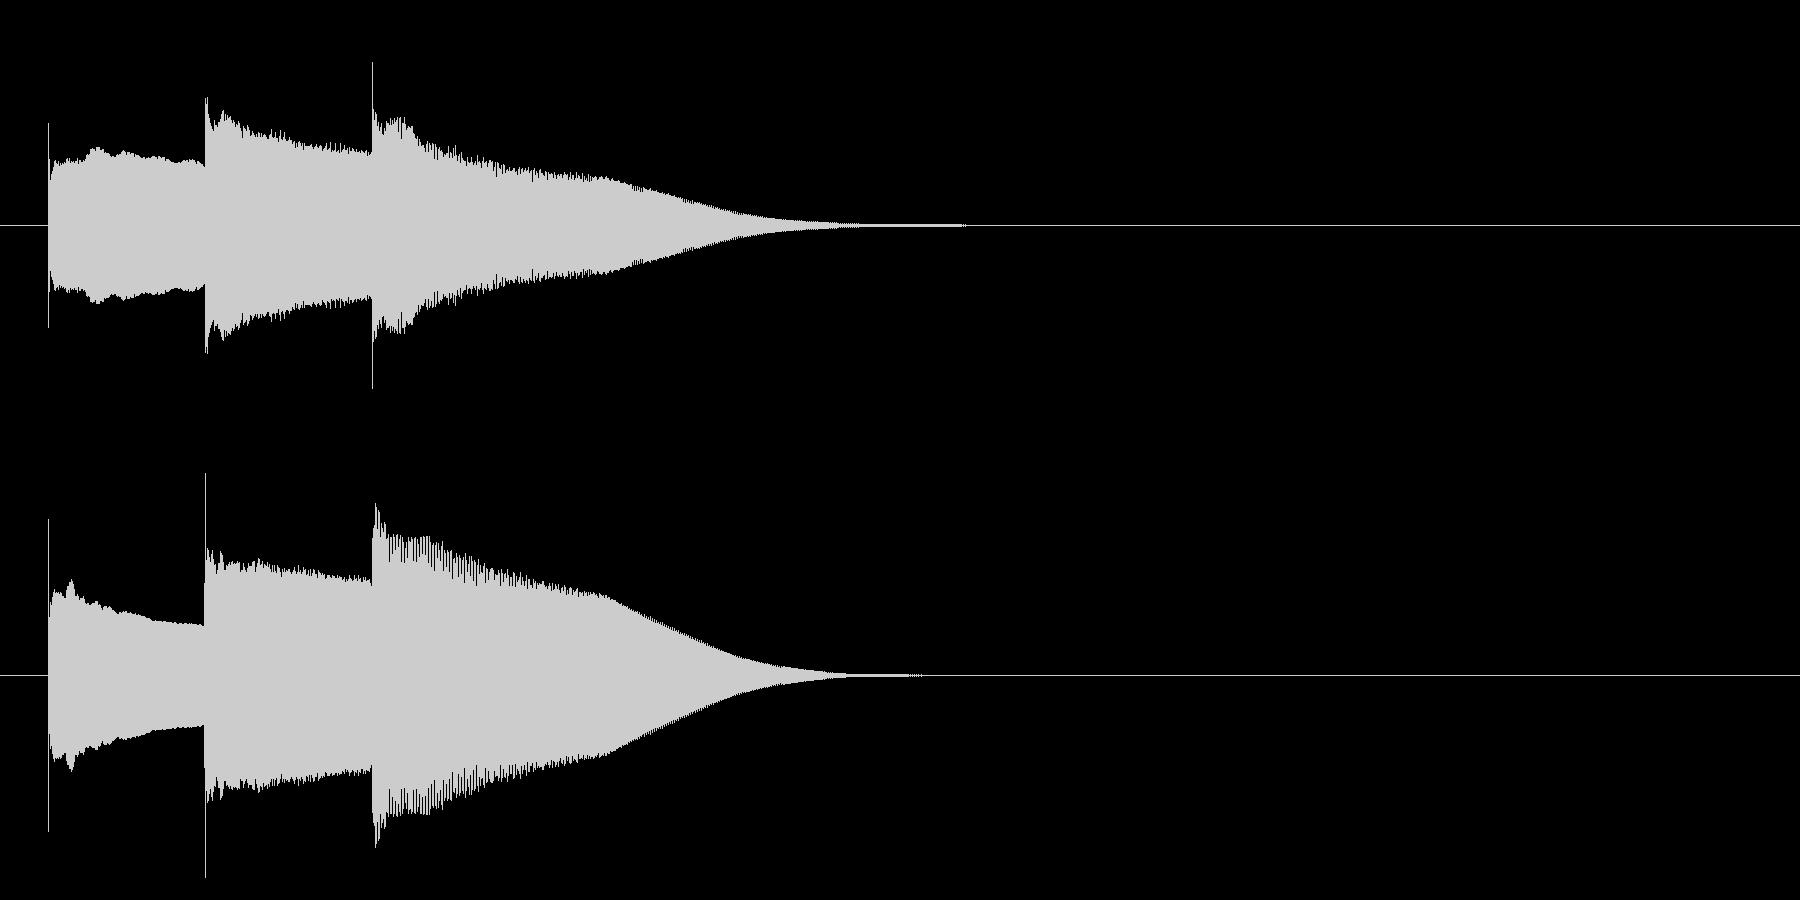 グロッケン系 キャンセル音5(中)の未再生の波形